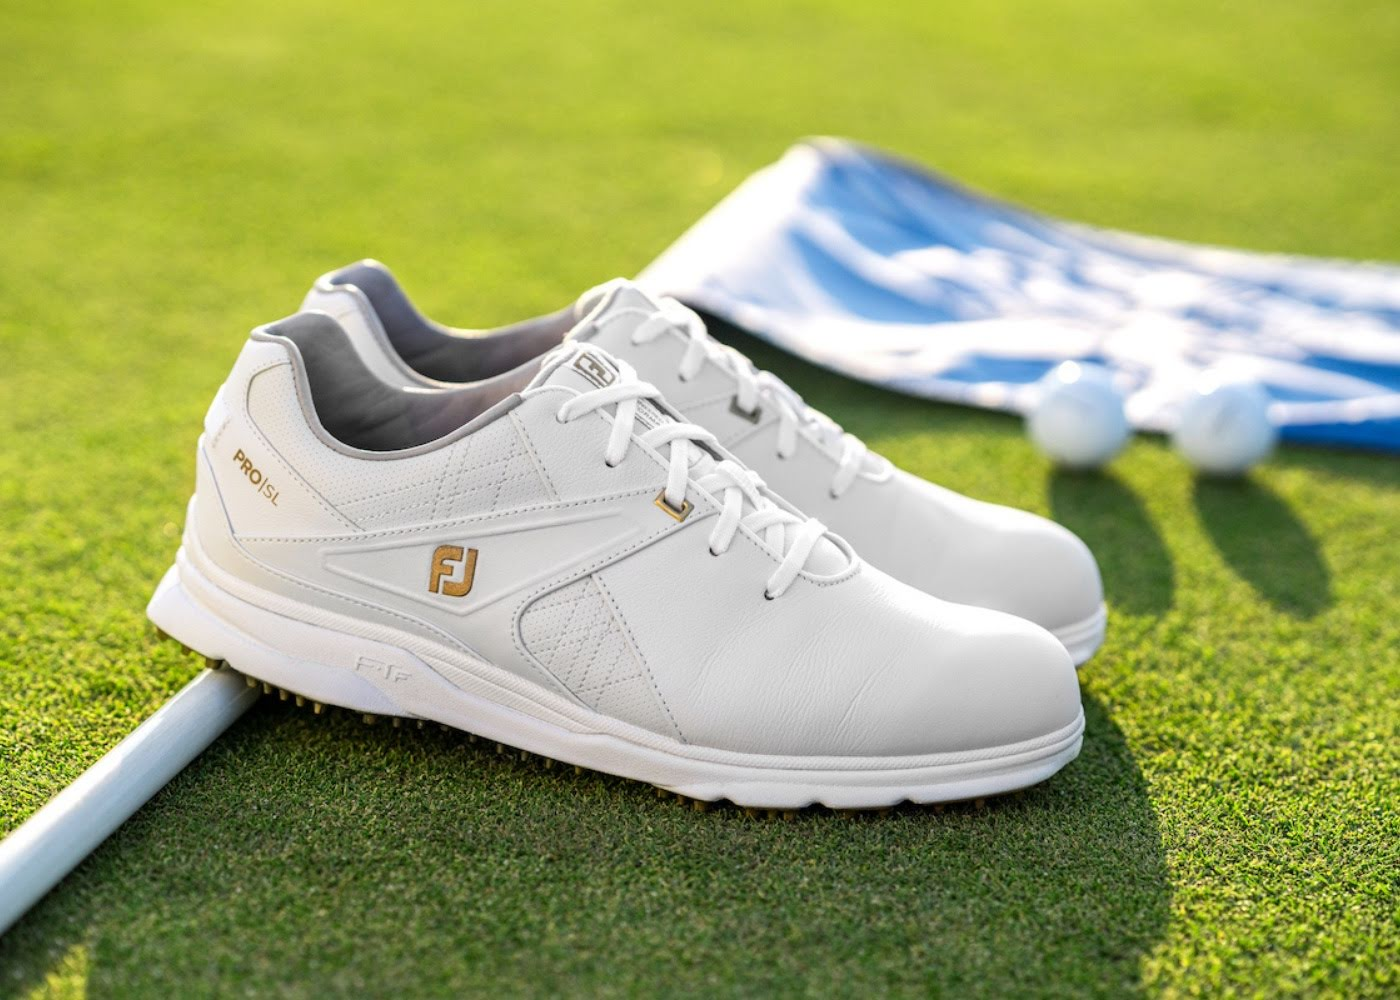 Footjoy golfskor och golfkläder